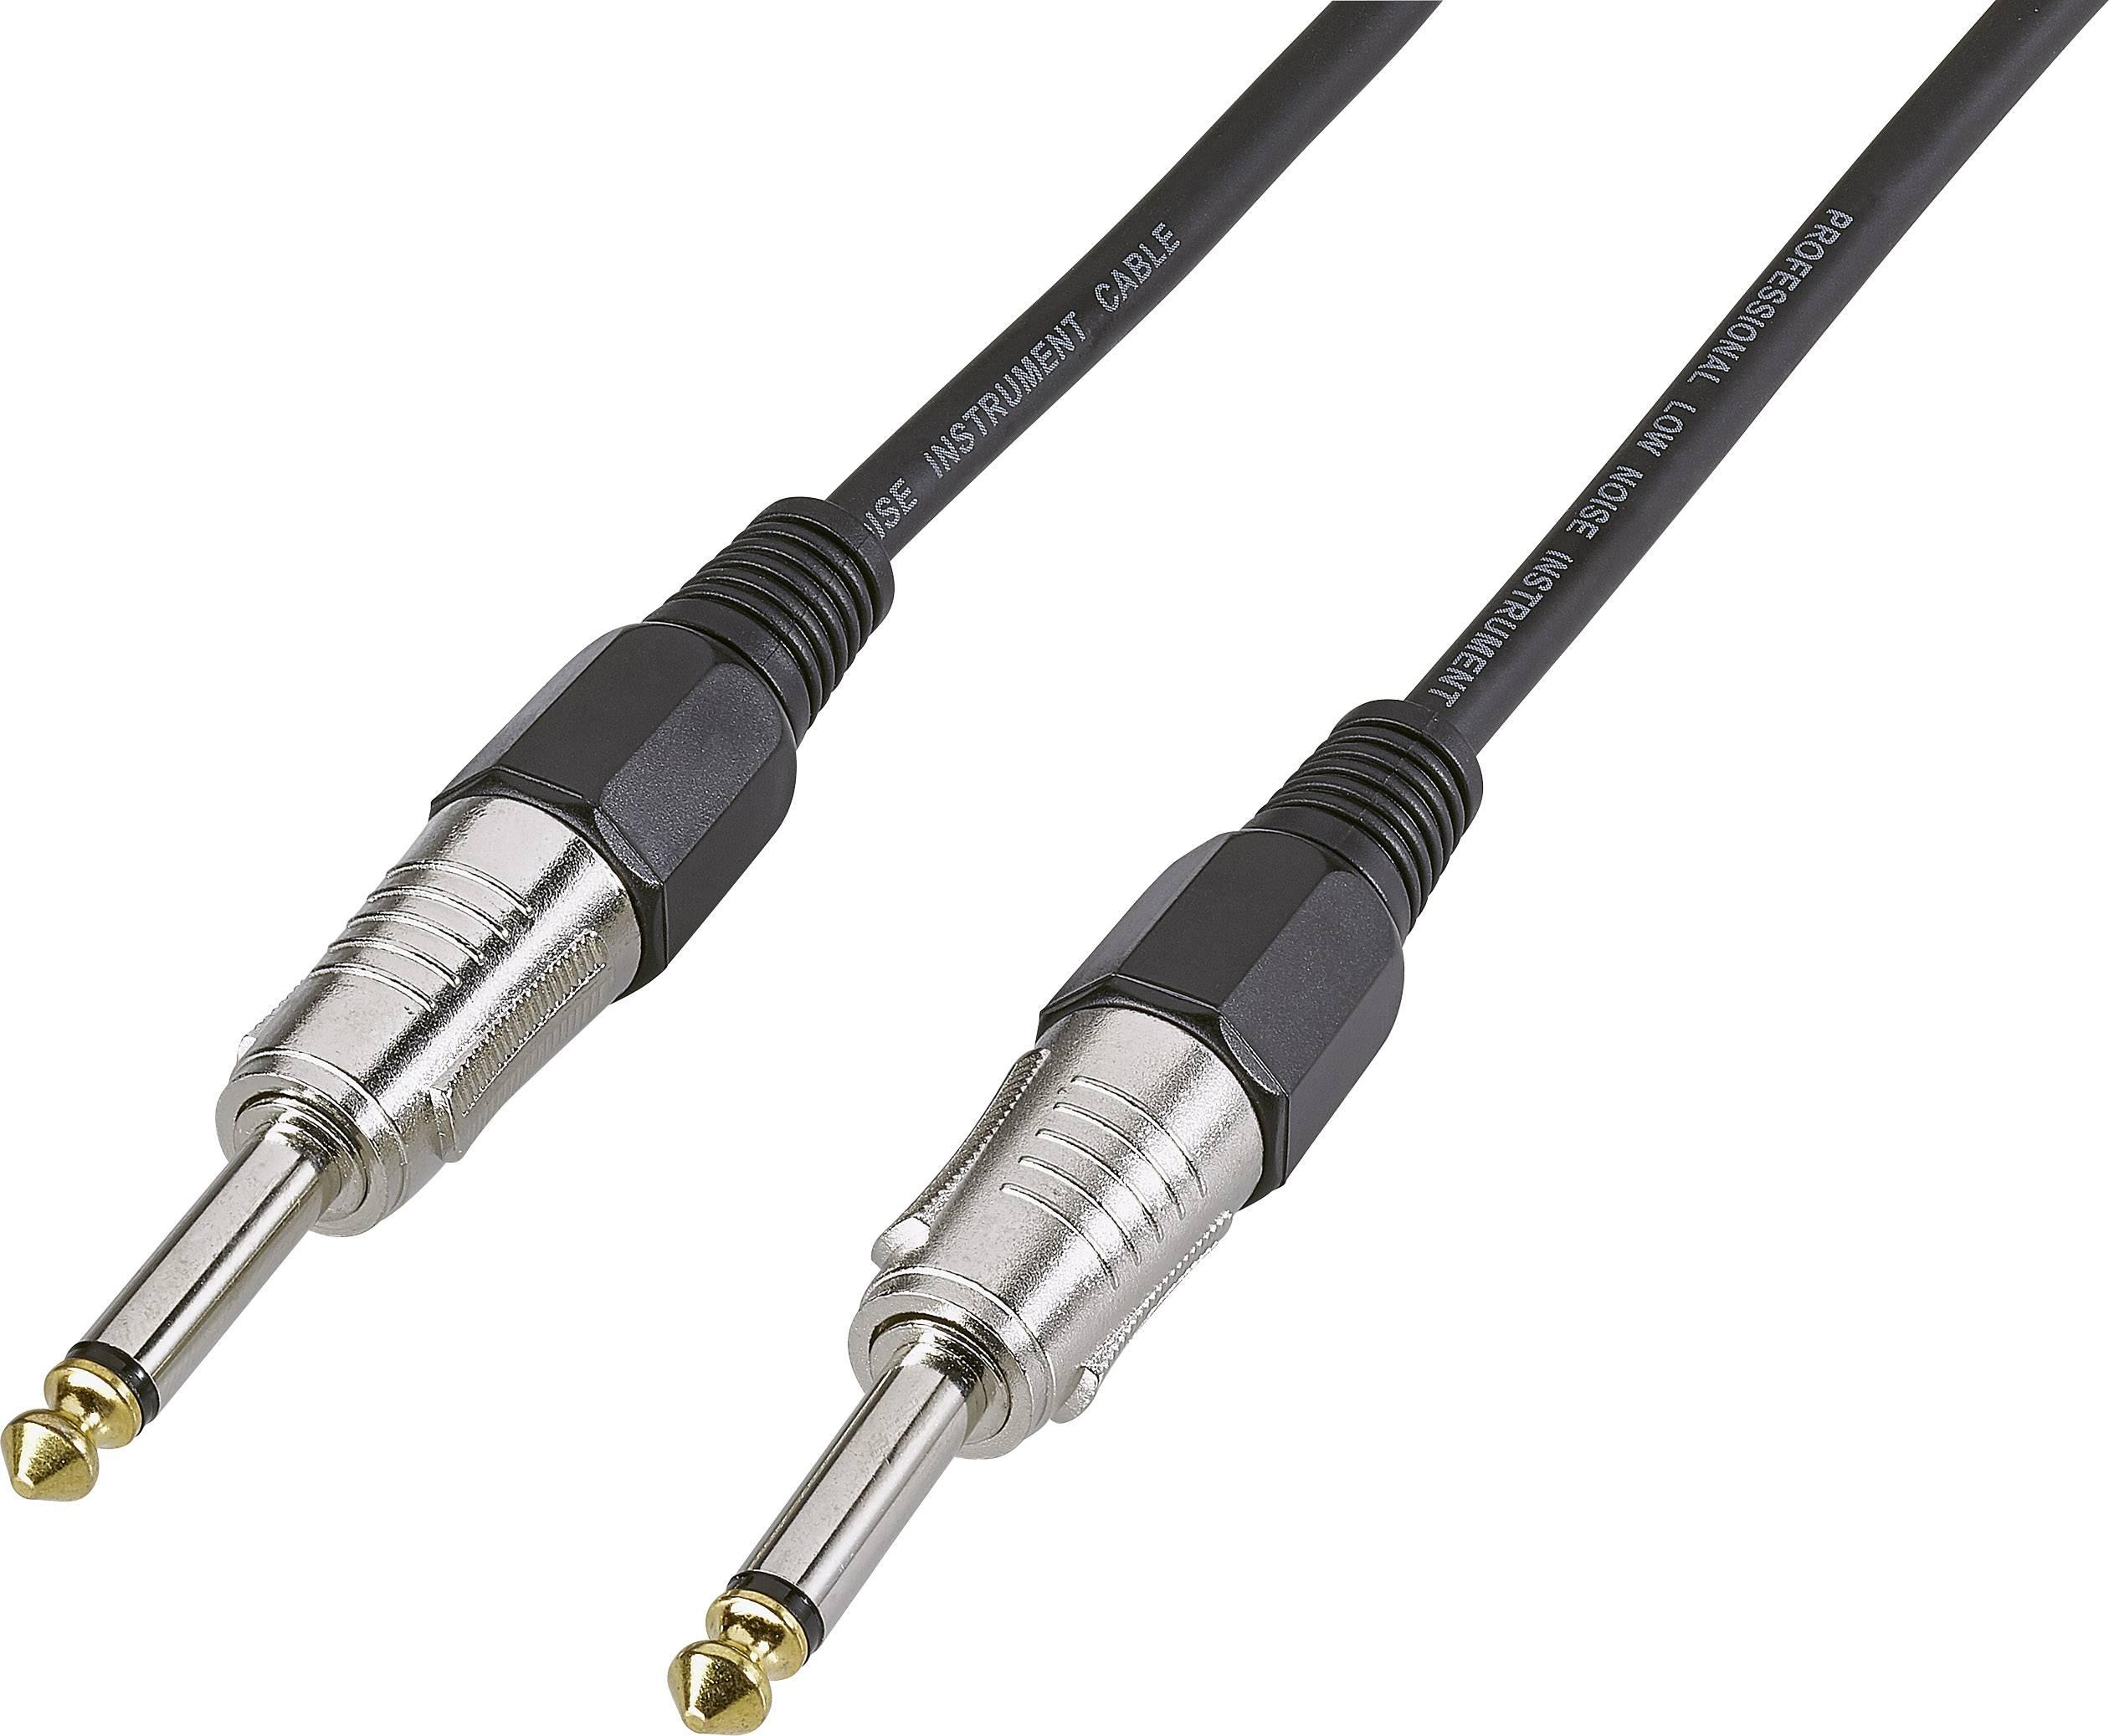 Kabel s jack konektory Basetech 269006C, 3 m, černá